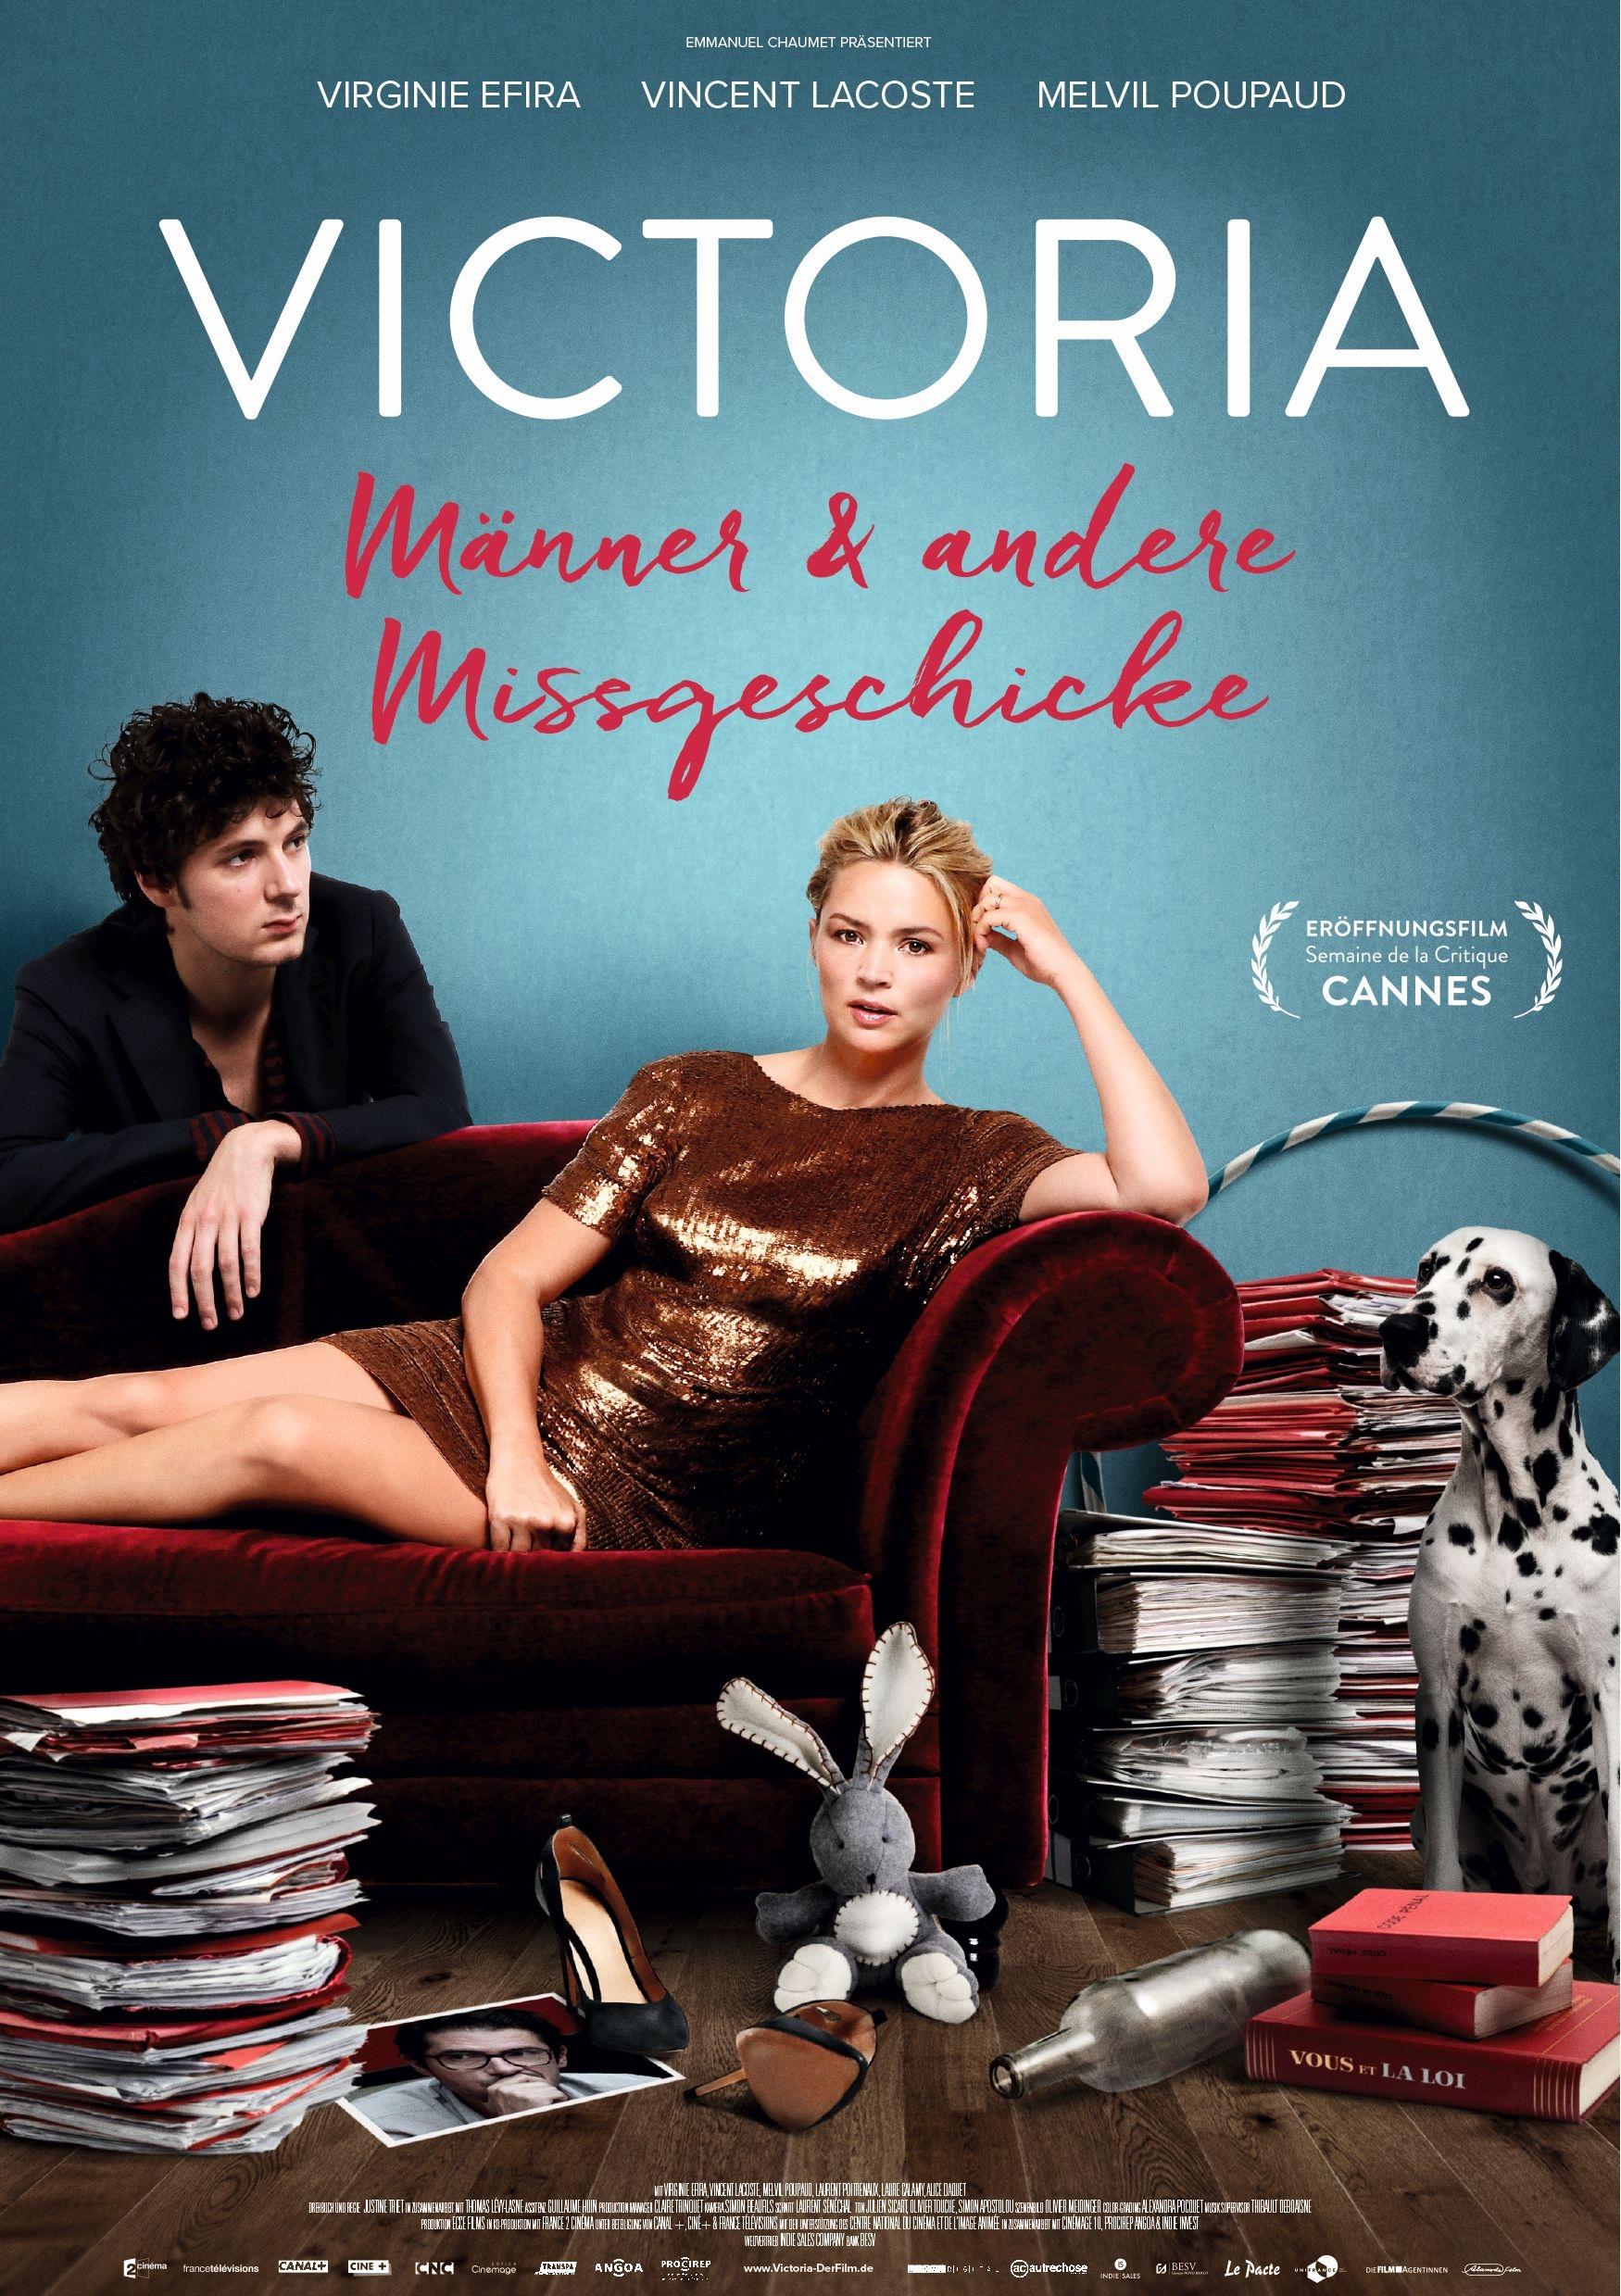 Victoria - Männer und andere Missgeschicke (Poster)